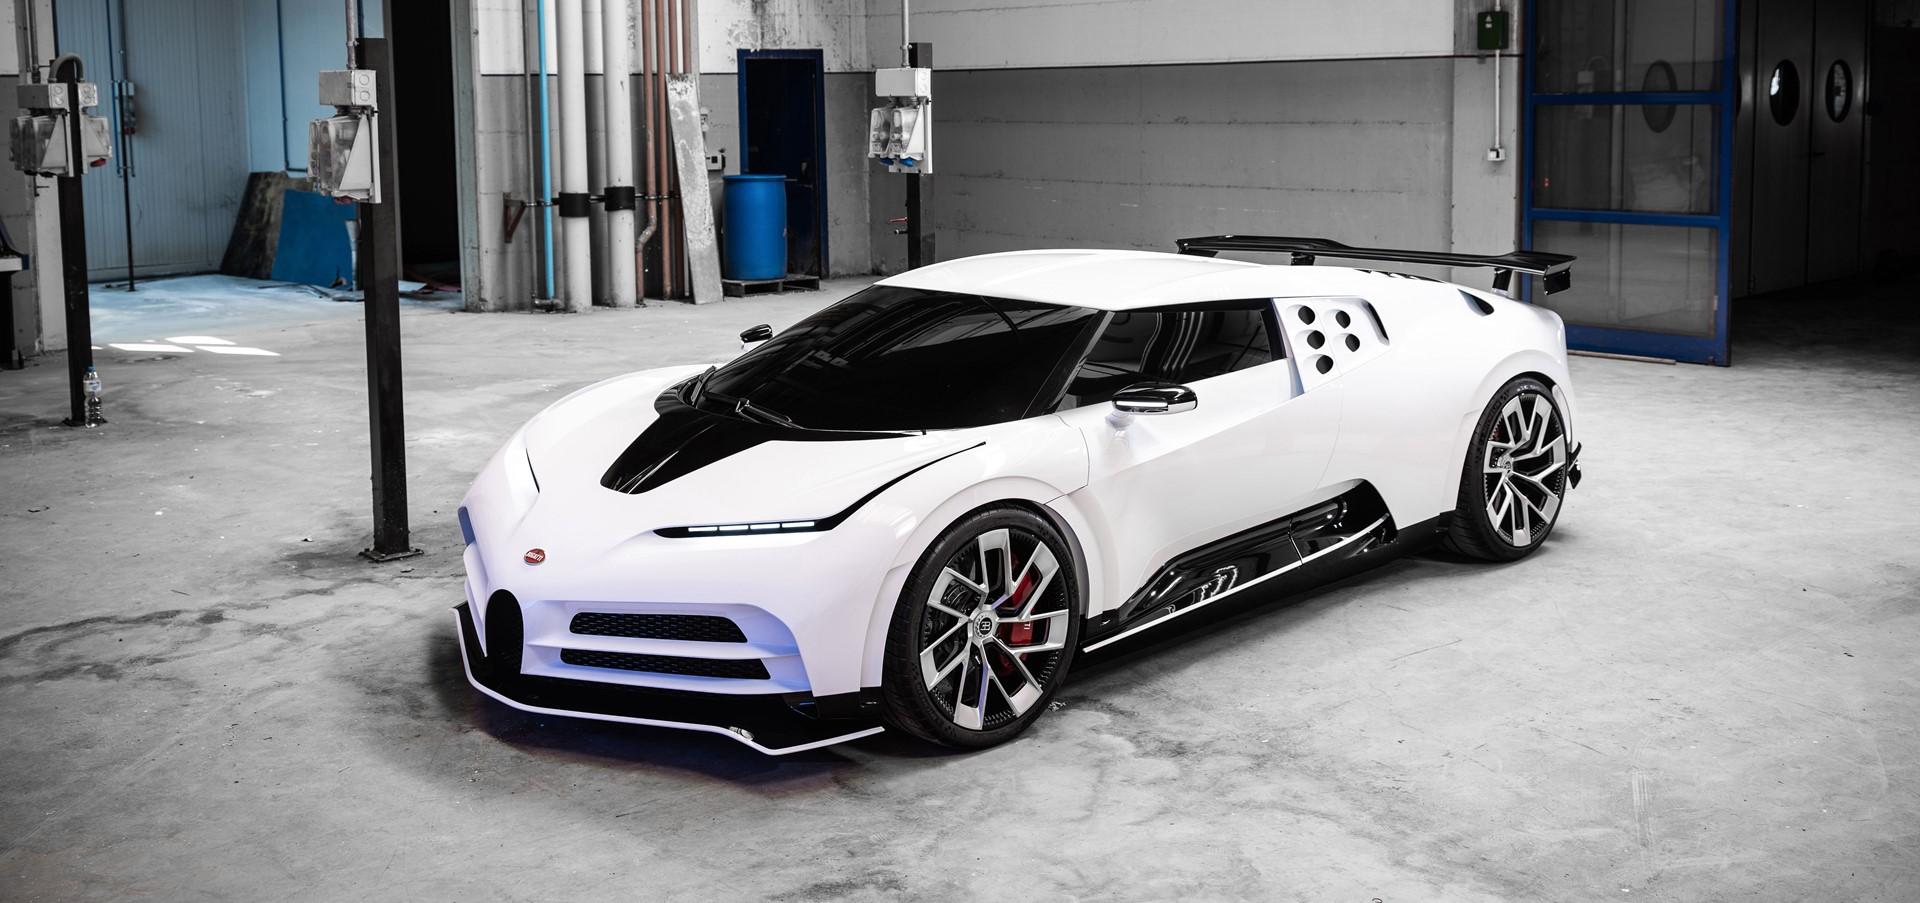 Bugatti Centodieci – Exclusive small series in extraordinary